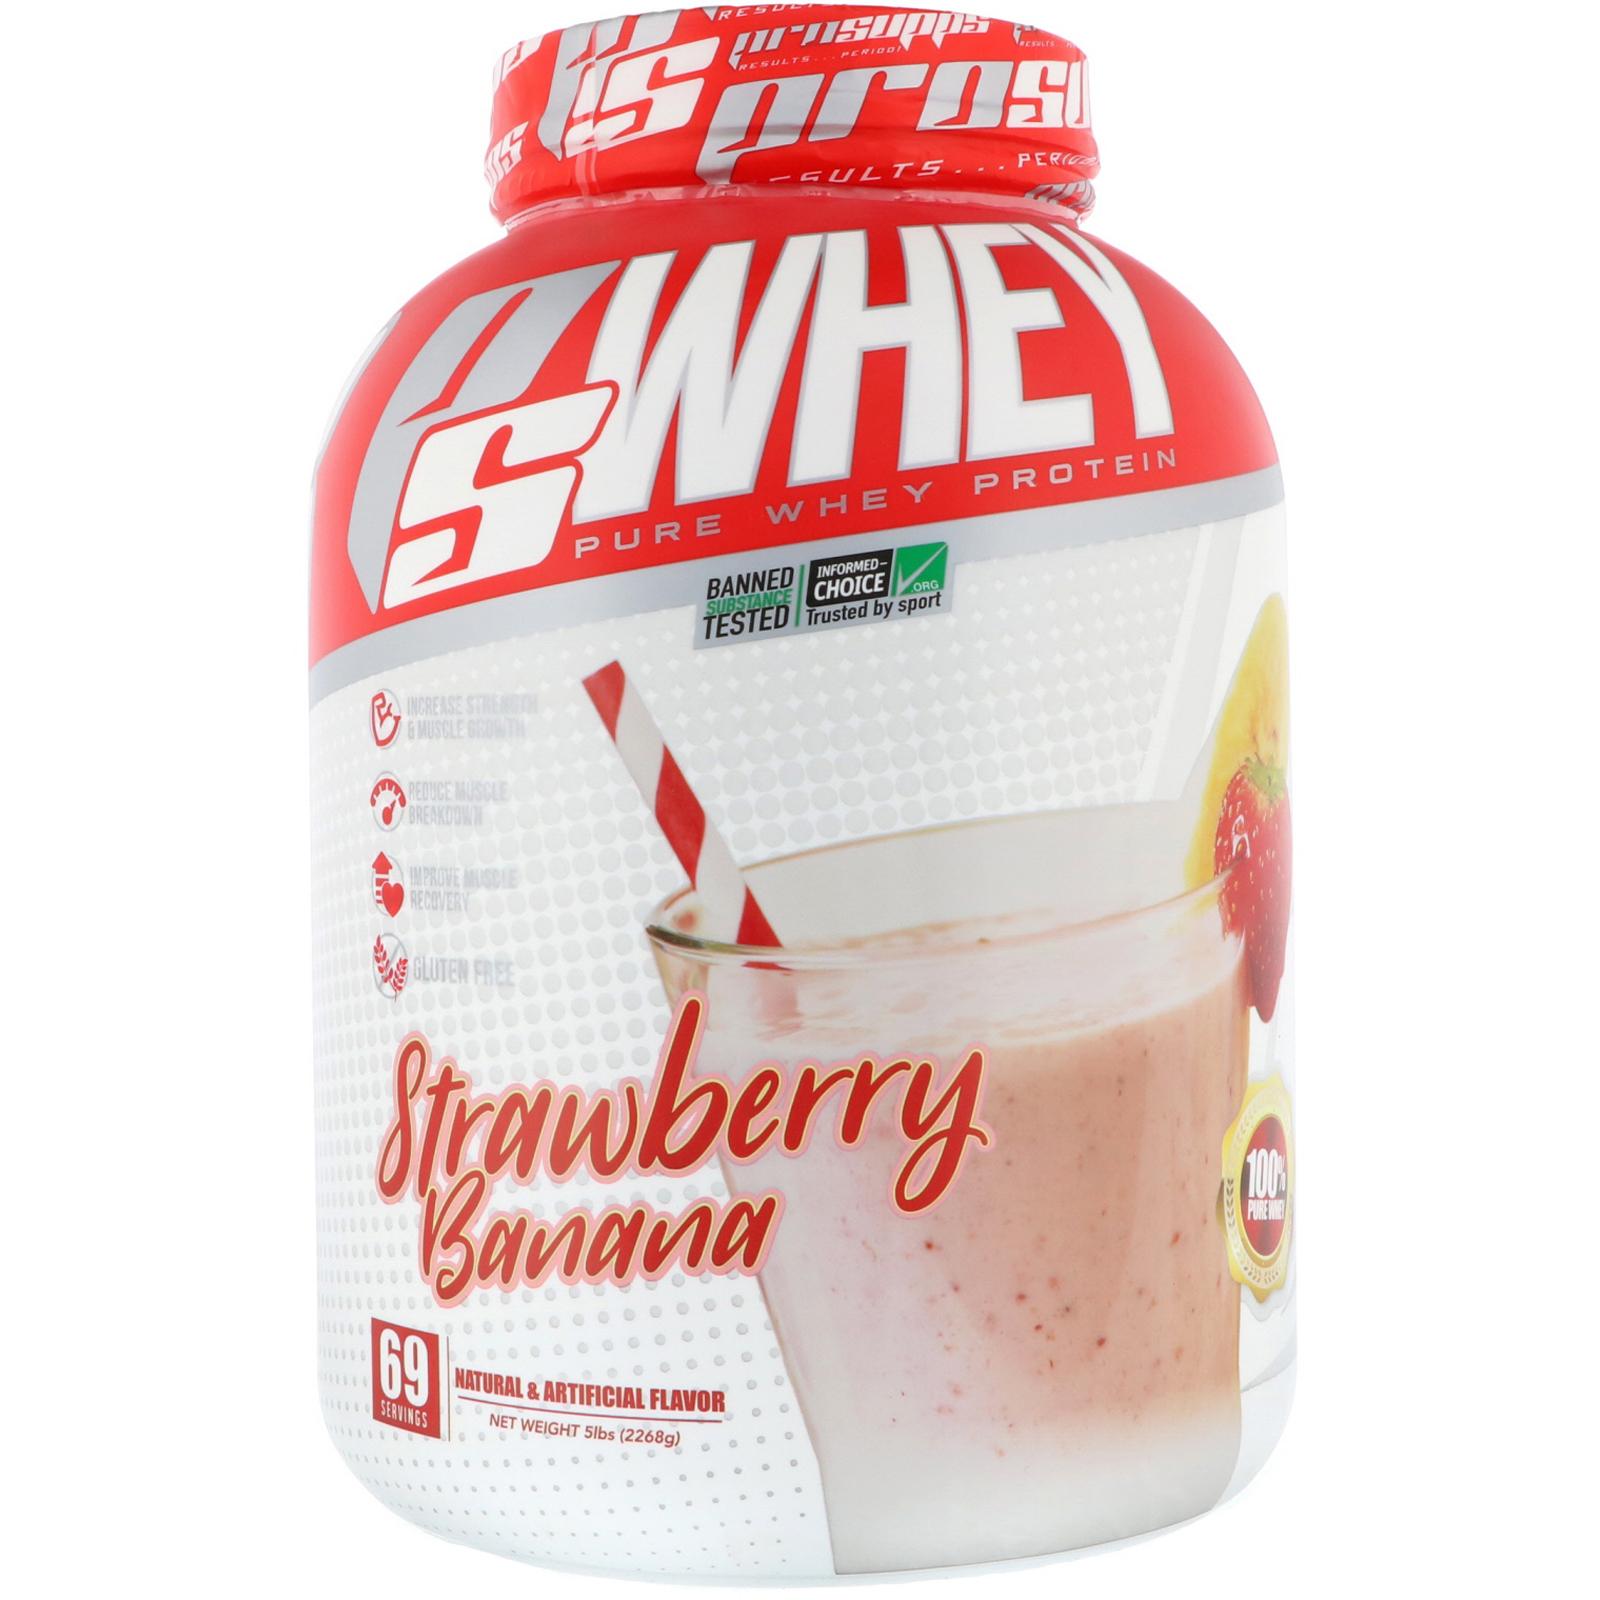 海德力乳清蛋白粉 草莓香蕉味 5磅